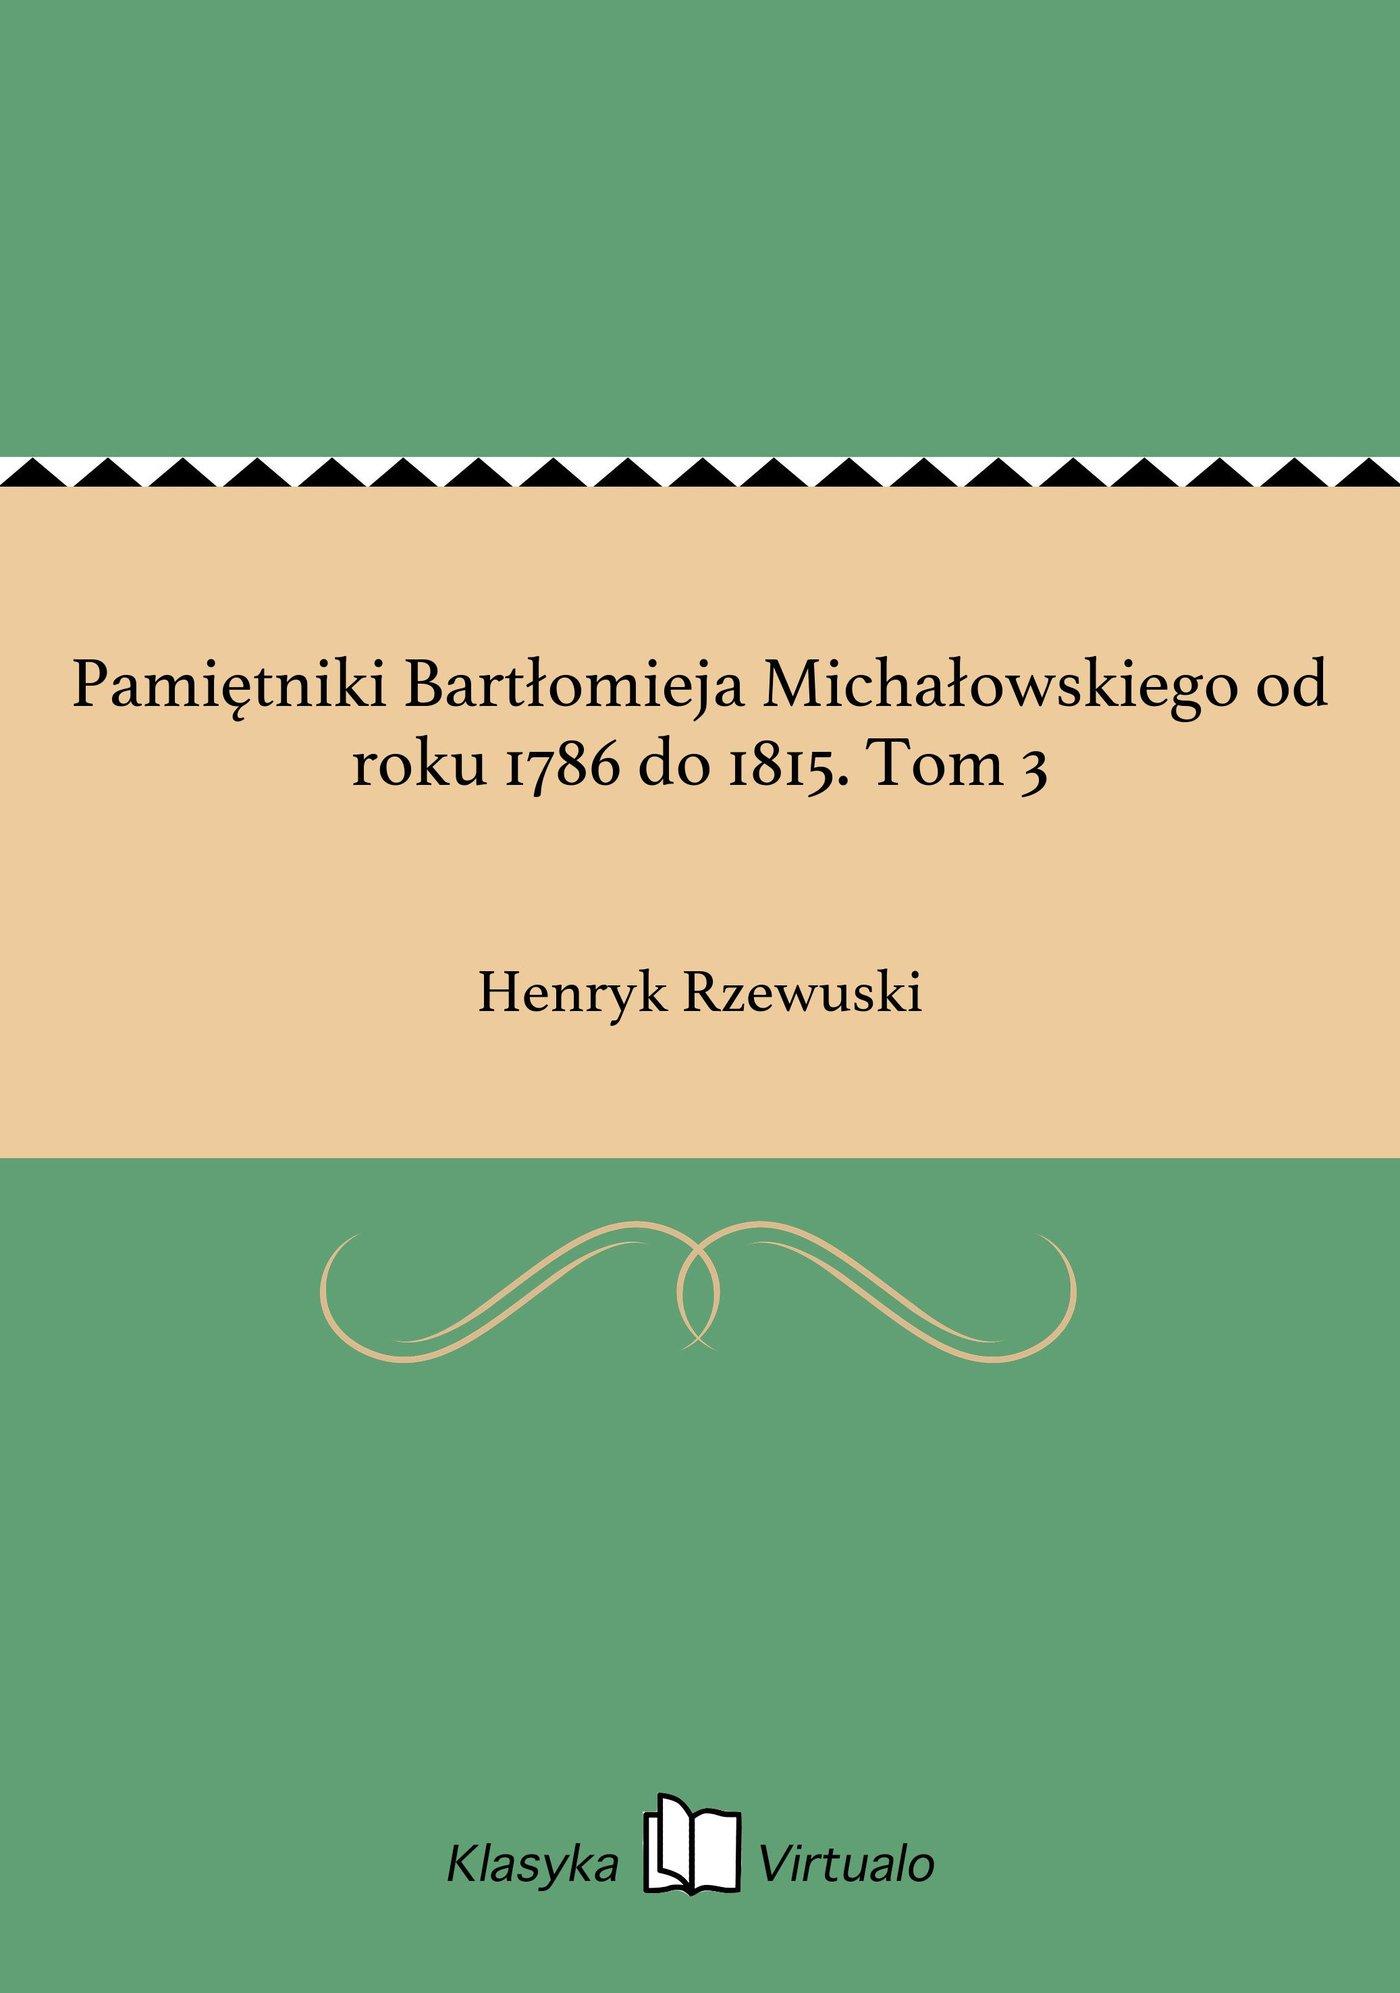 Pamiętniki Bartłomieja Michałowskiego od roku 1786 do 1815. Tom 3 - Ebook (Książka EPUB) do pobrania w formacie EPUB